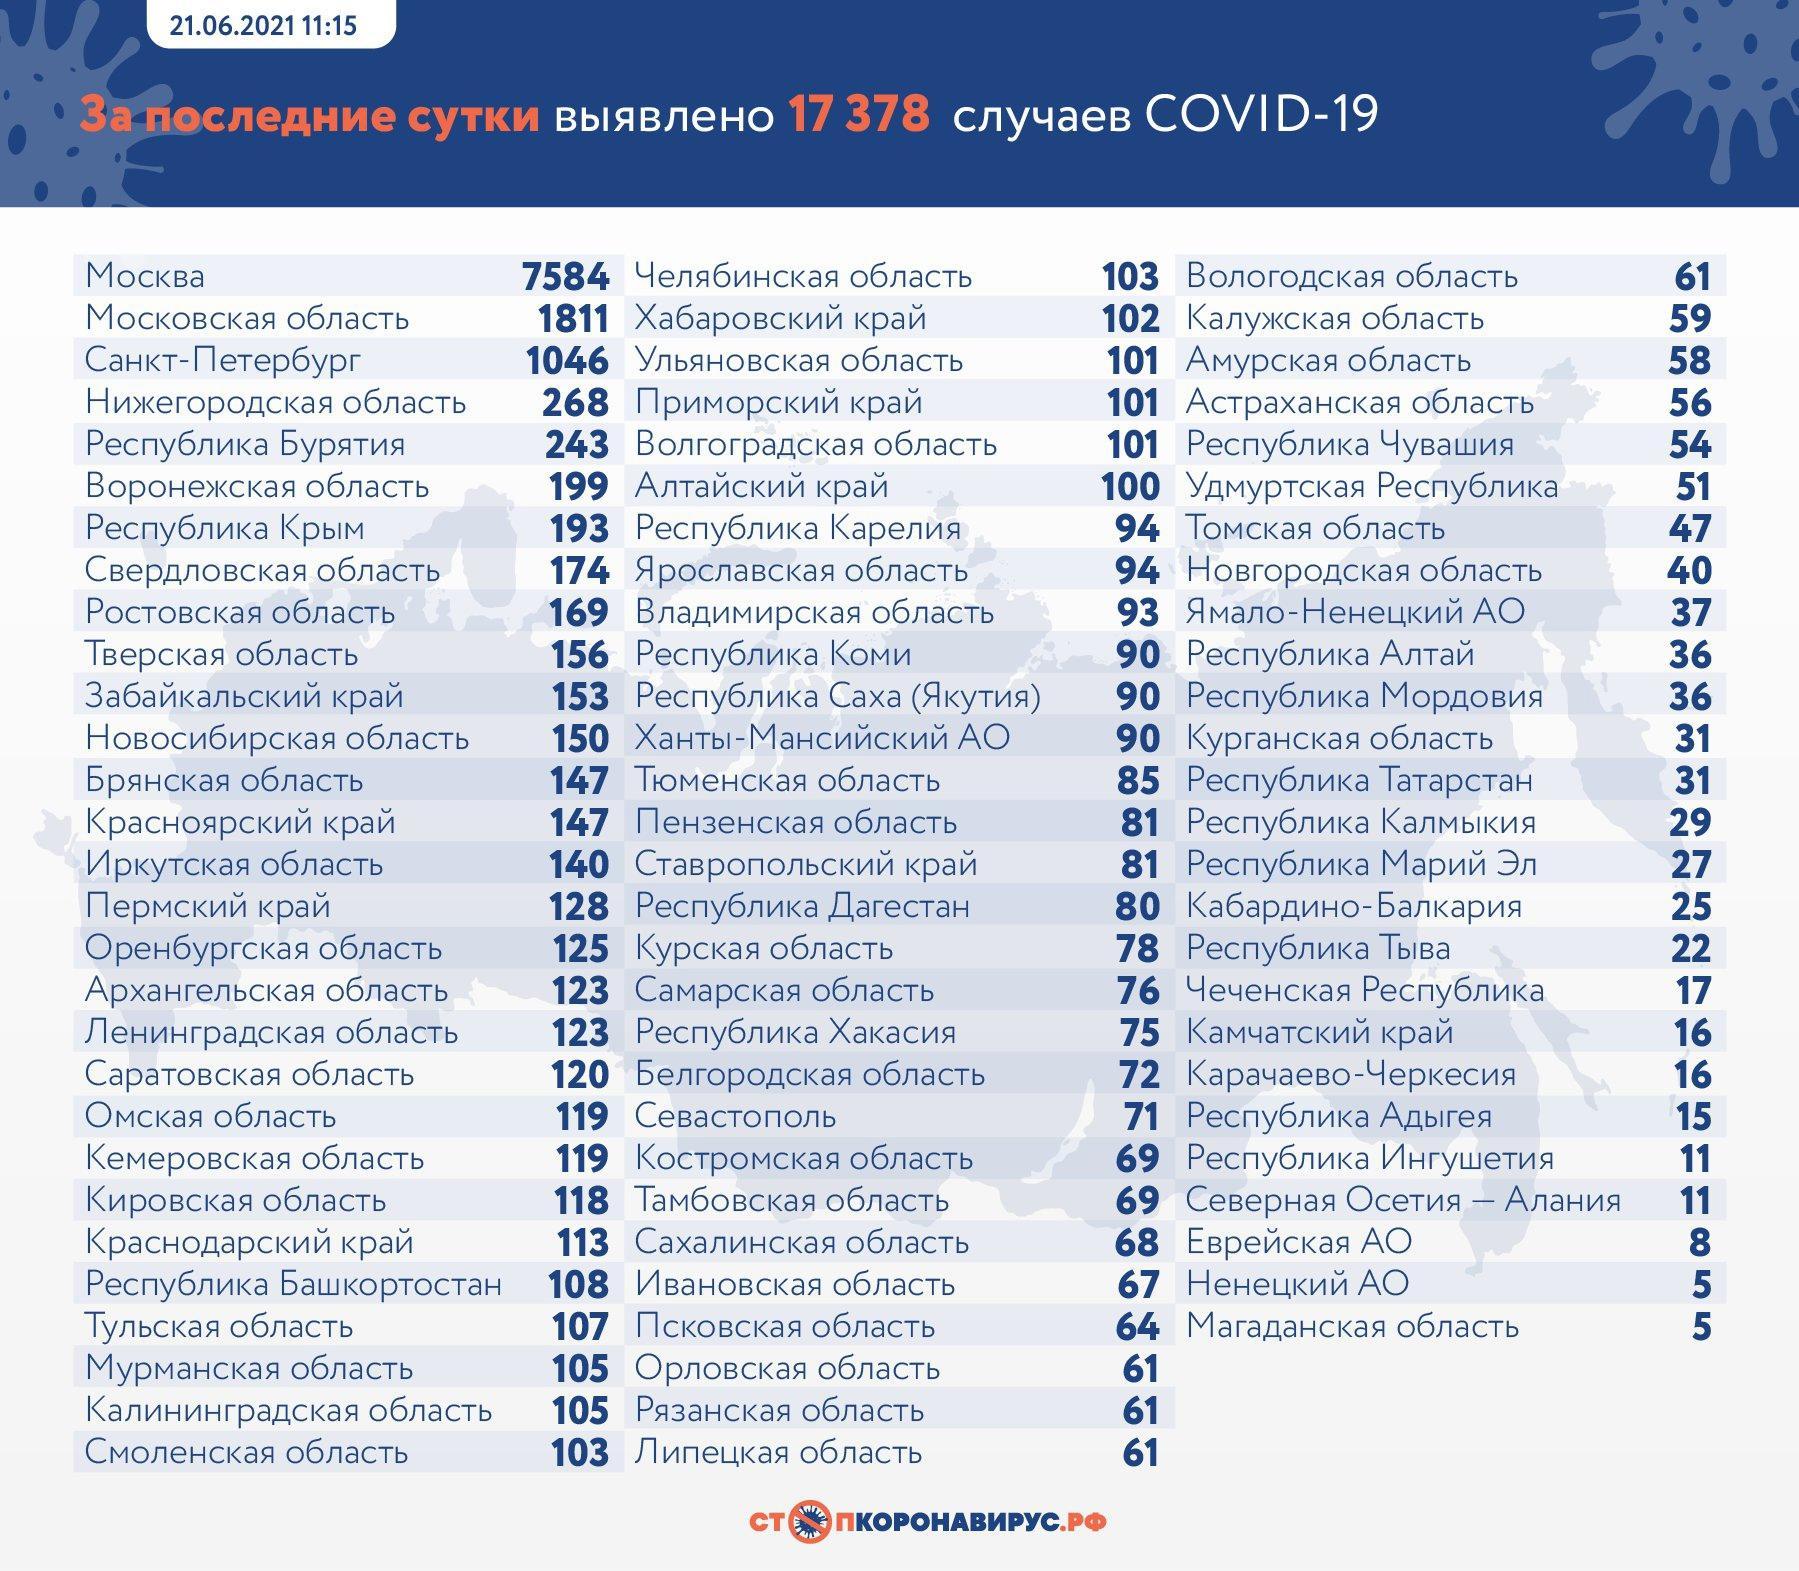 Фото 17 378 новых случаев заболевания COVID-19 выявили в России за сутки 2